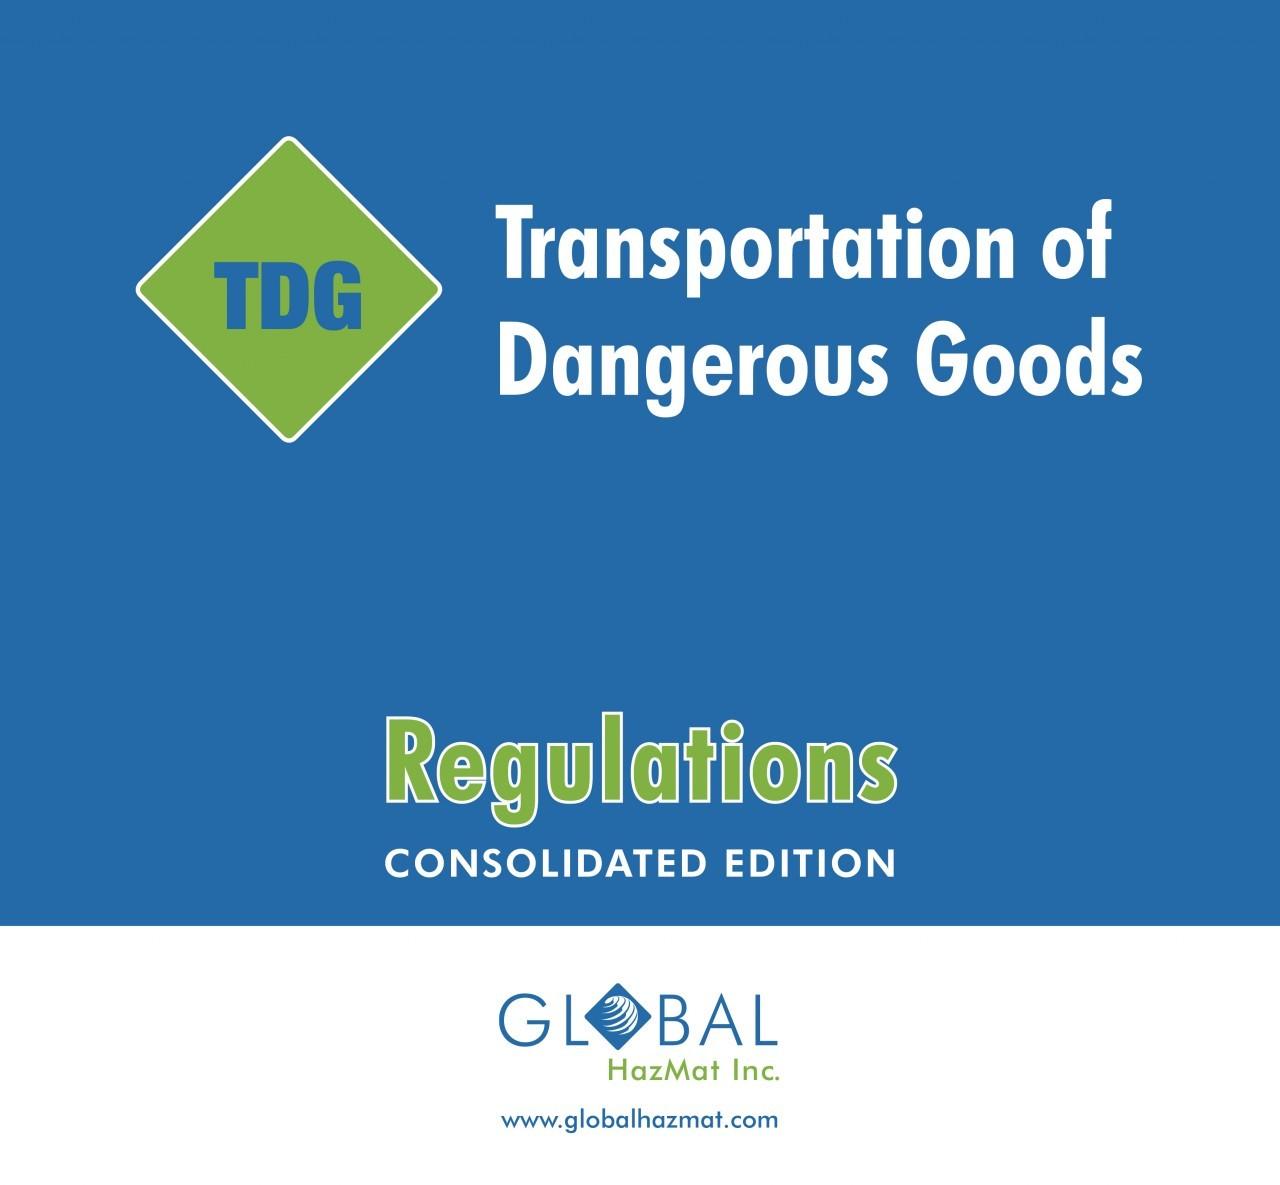 TDG Regulations